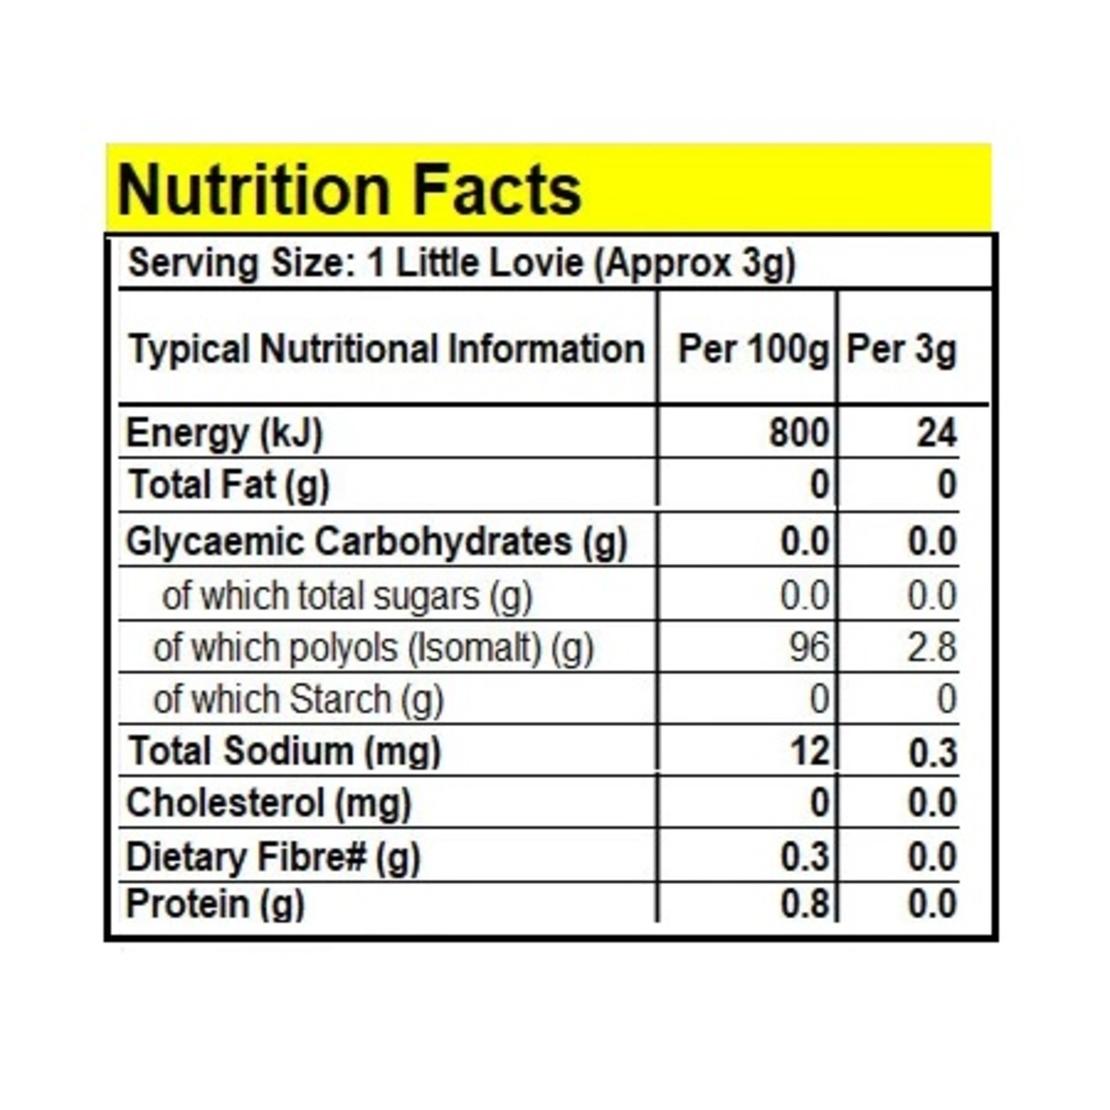 ליטל לוביז - סוכריות קשות ללא סוכר בטעם טופי מינט 100 ג